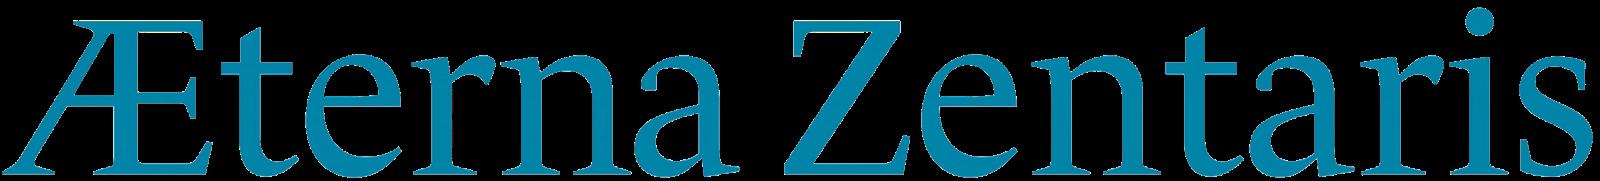 Aeterna Zentaris News